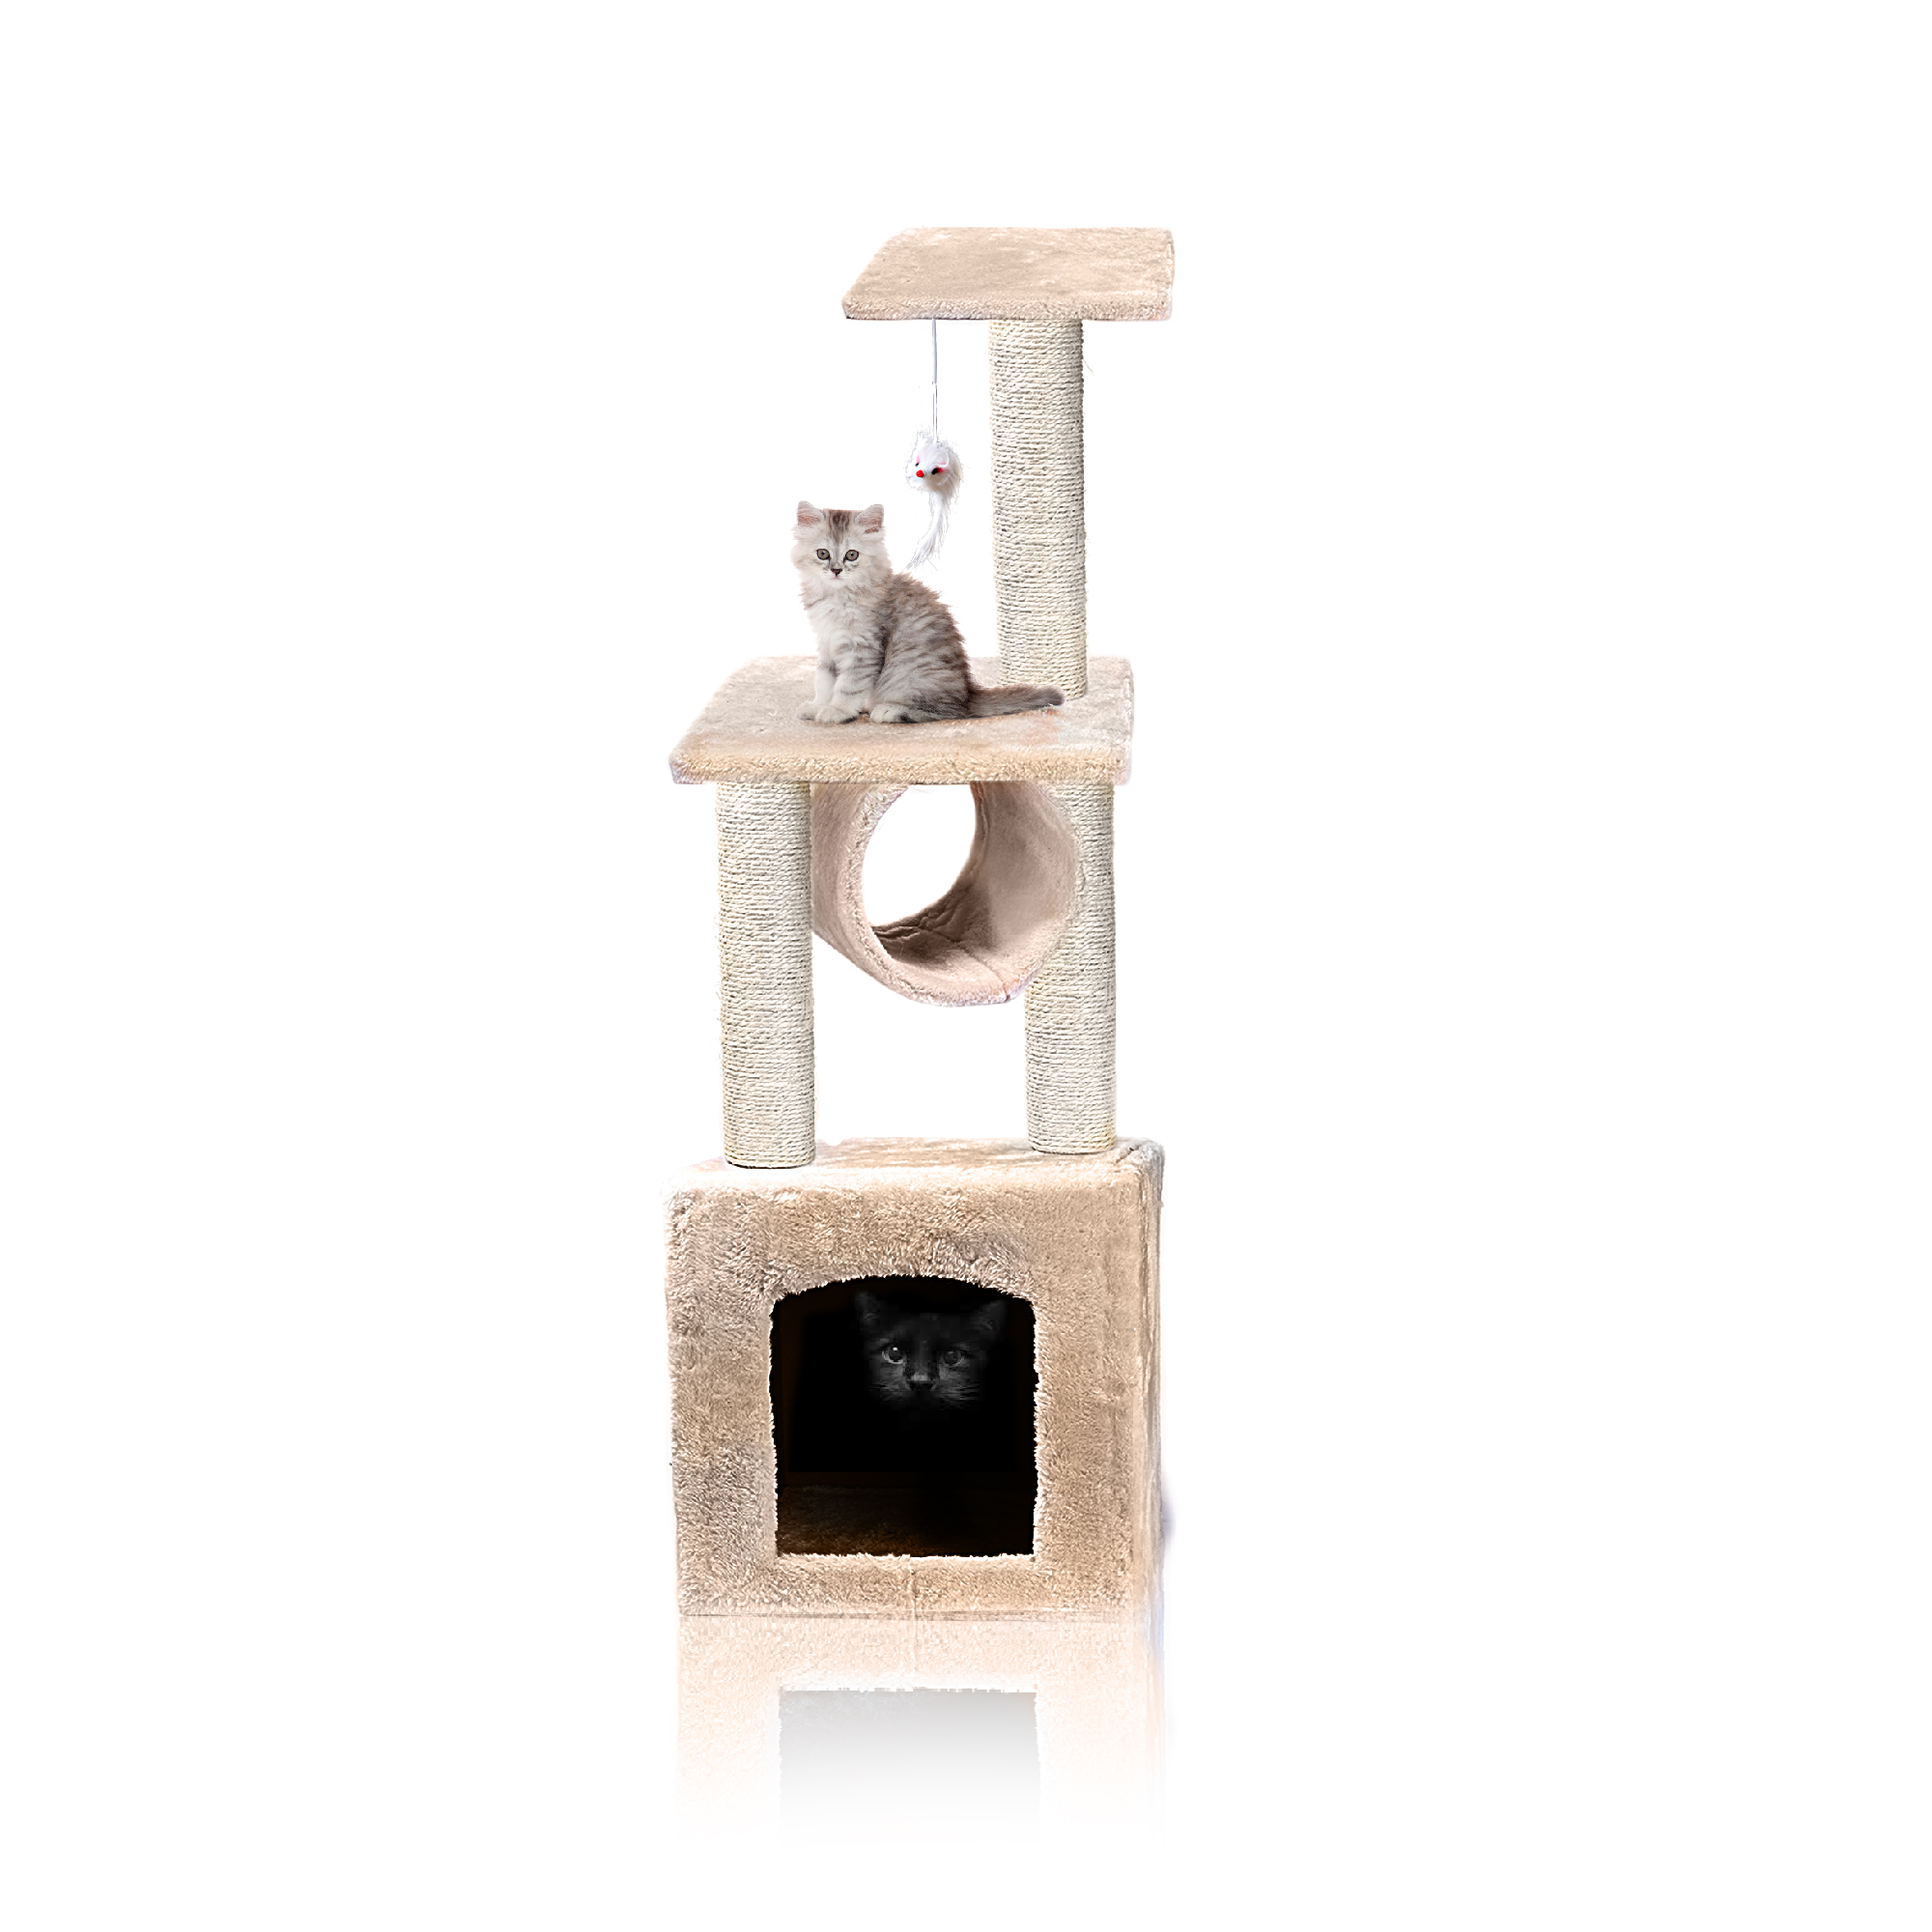 MAIN ISOLATED +2 cats shadow 3.jpg